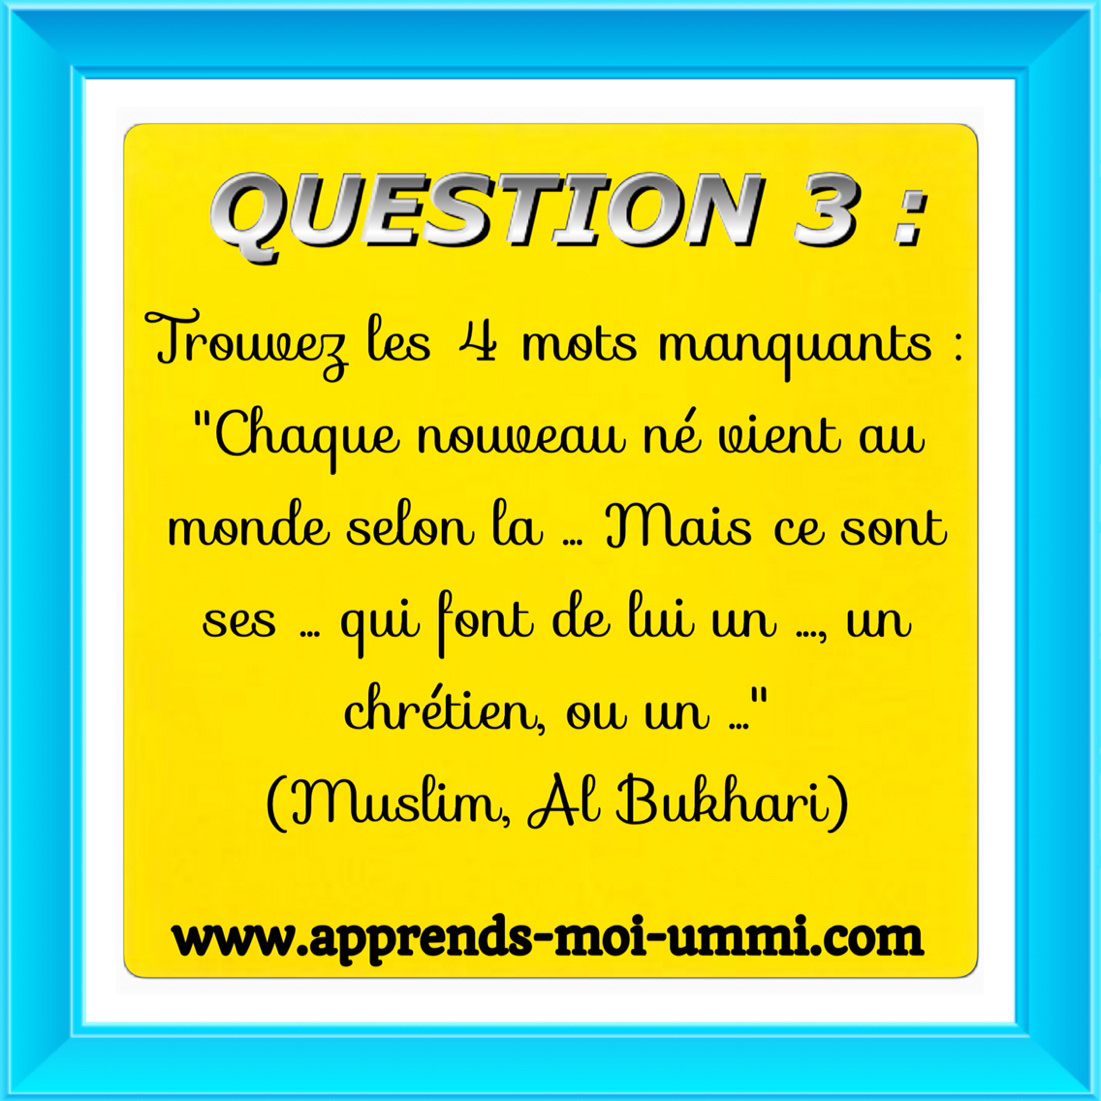 Concours : Quizz Islamique! - Apprends Moi Ummi avec Quizz Enfant